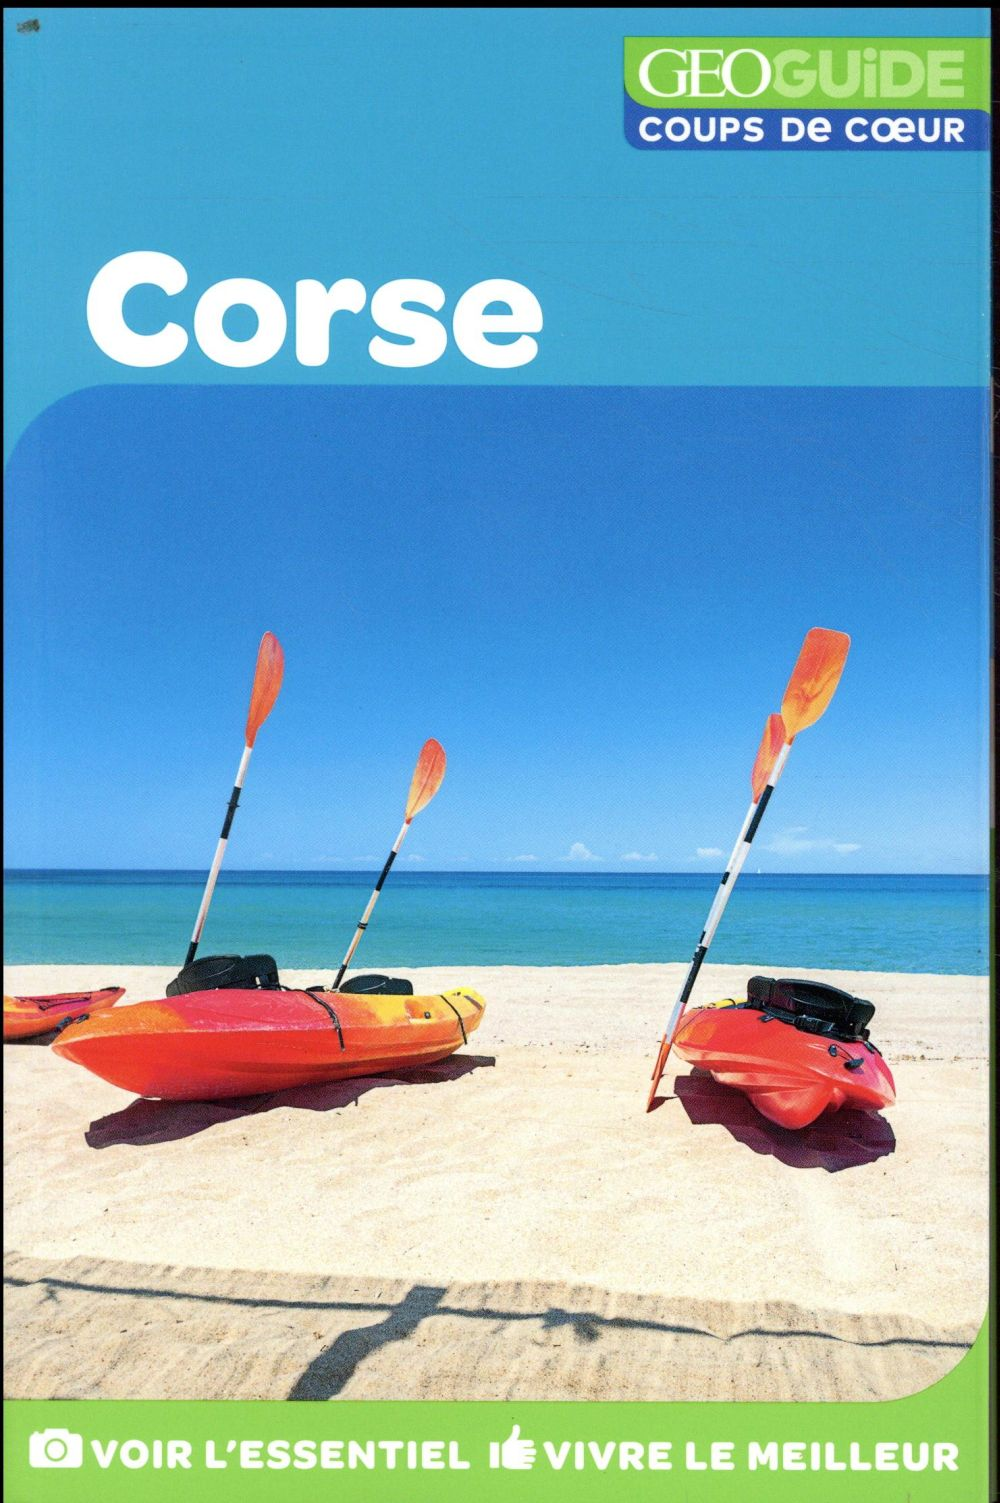 GEOguide coups de cœur ; Corse (édition 2018)